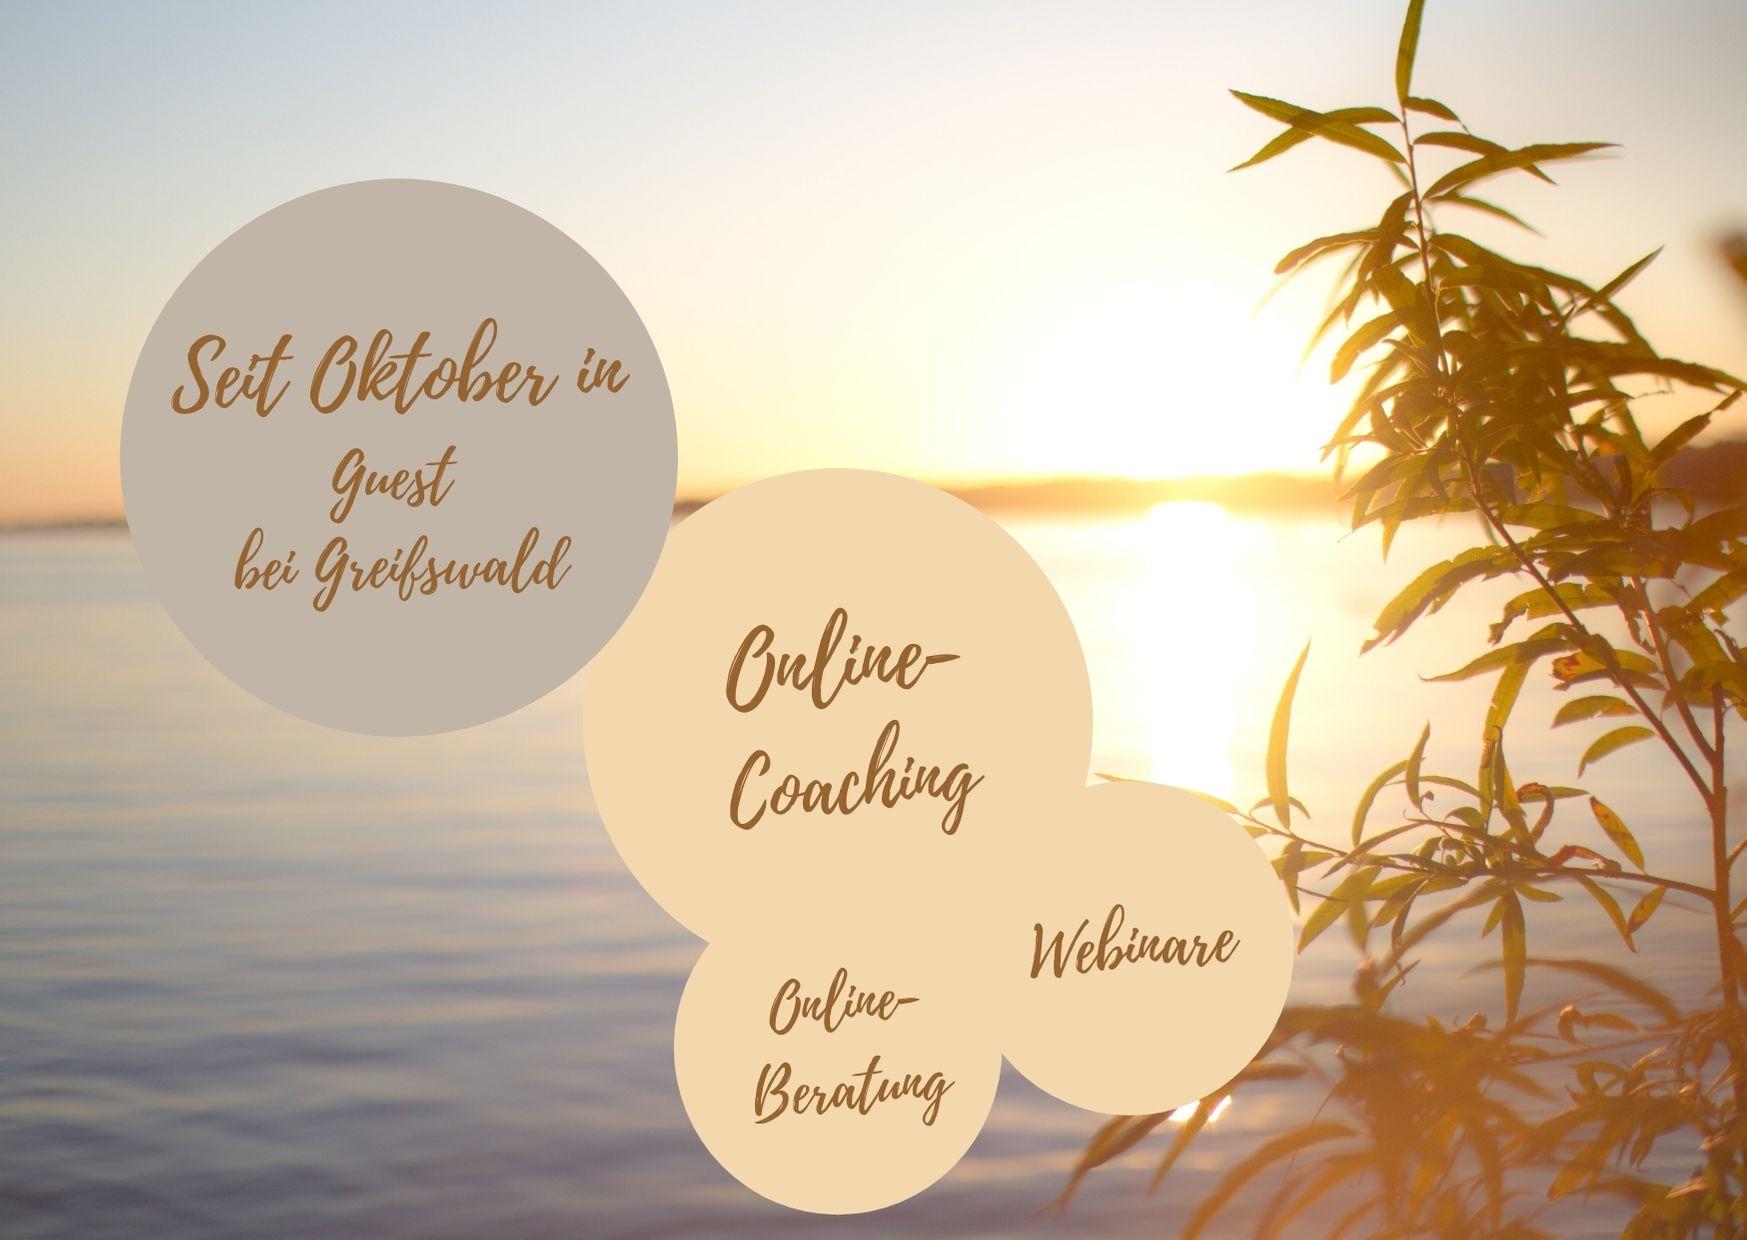 Online-Coaching 2